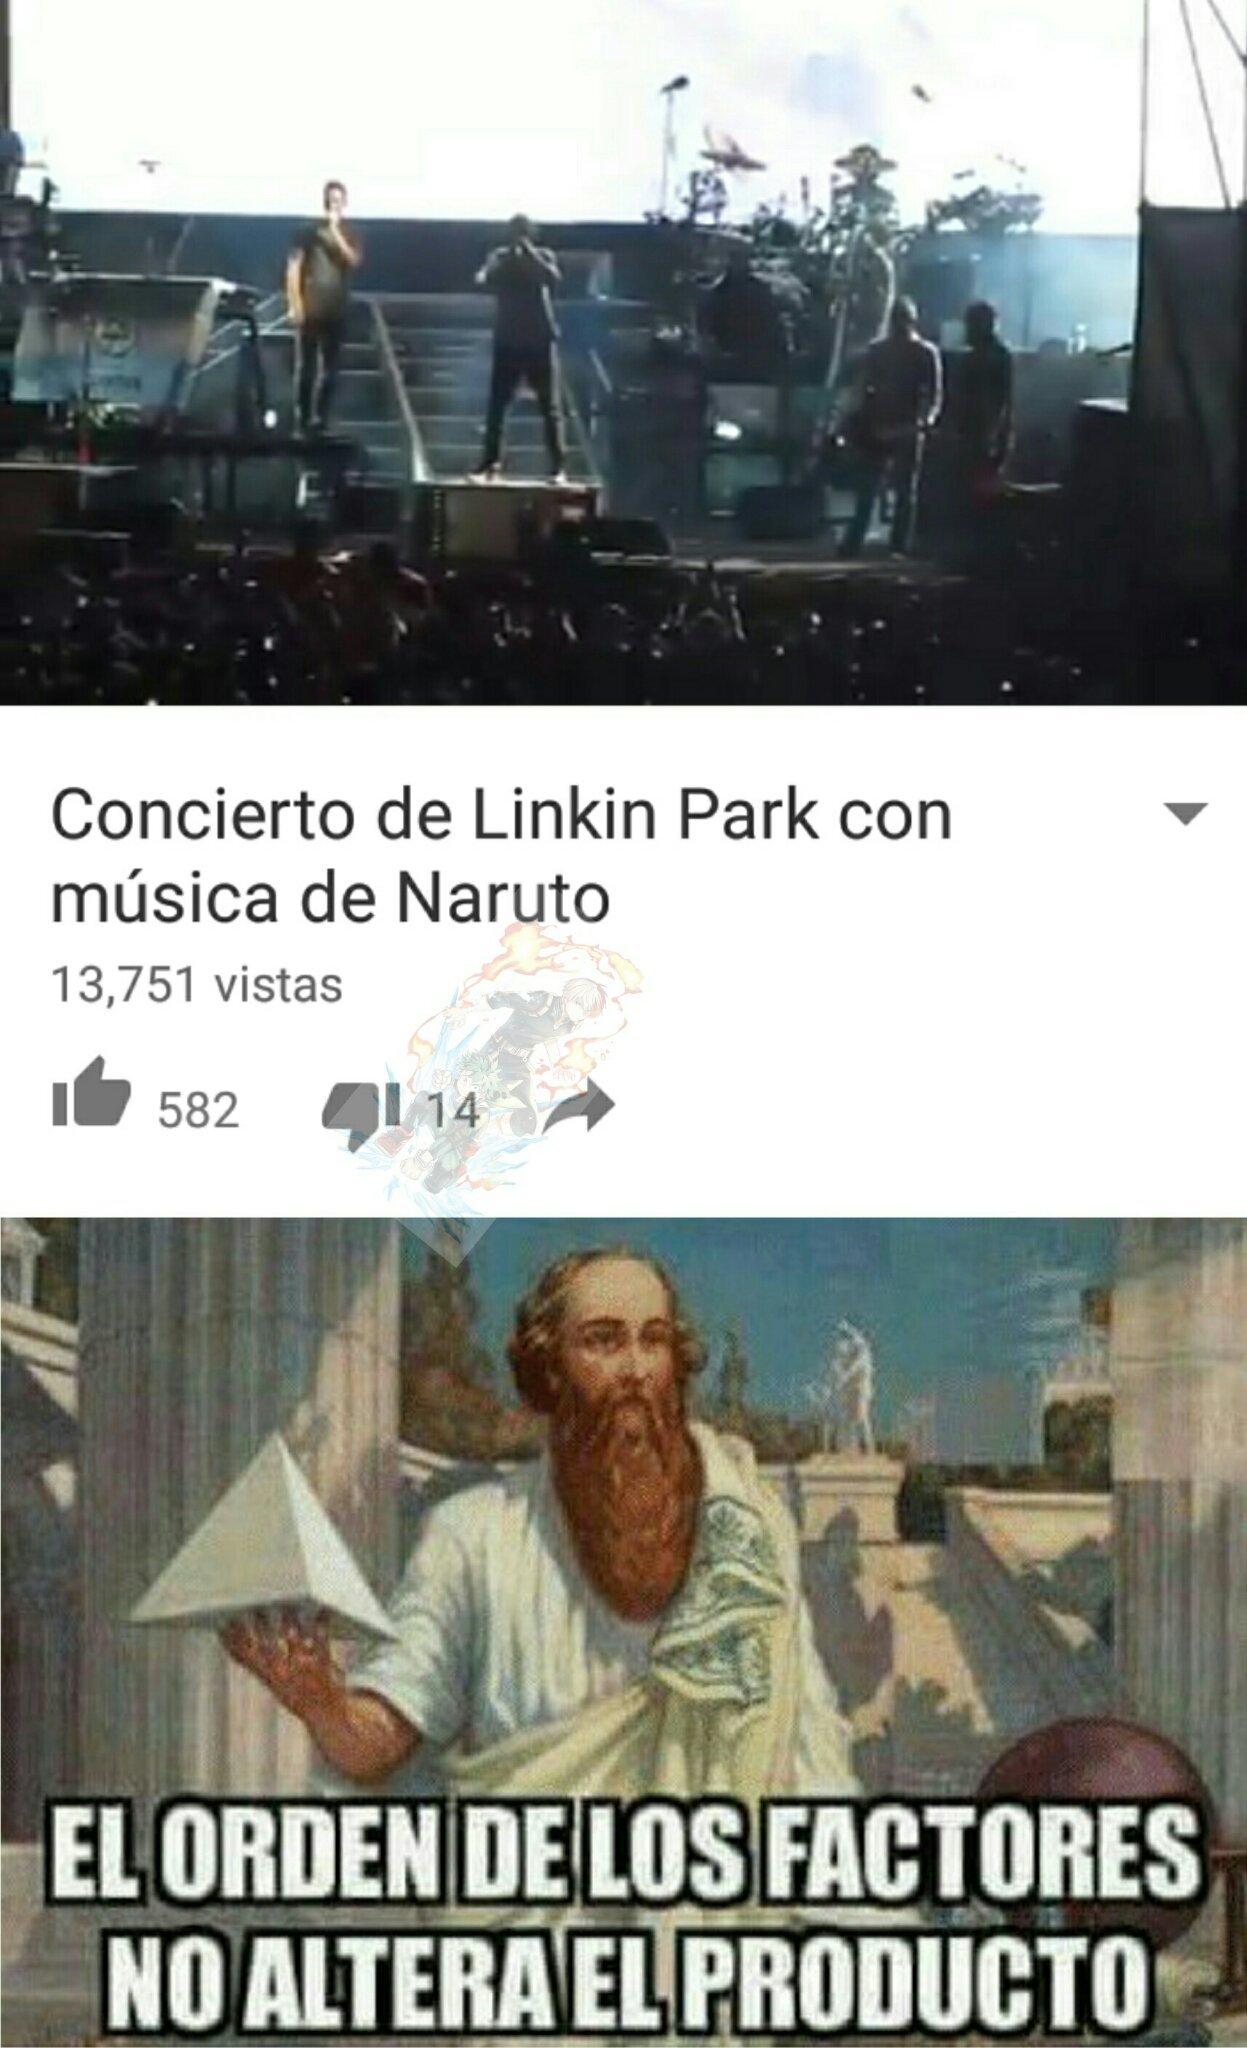 Me acuerdo de ese concierto - meme